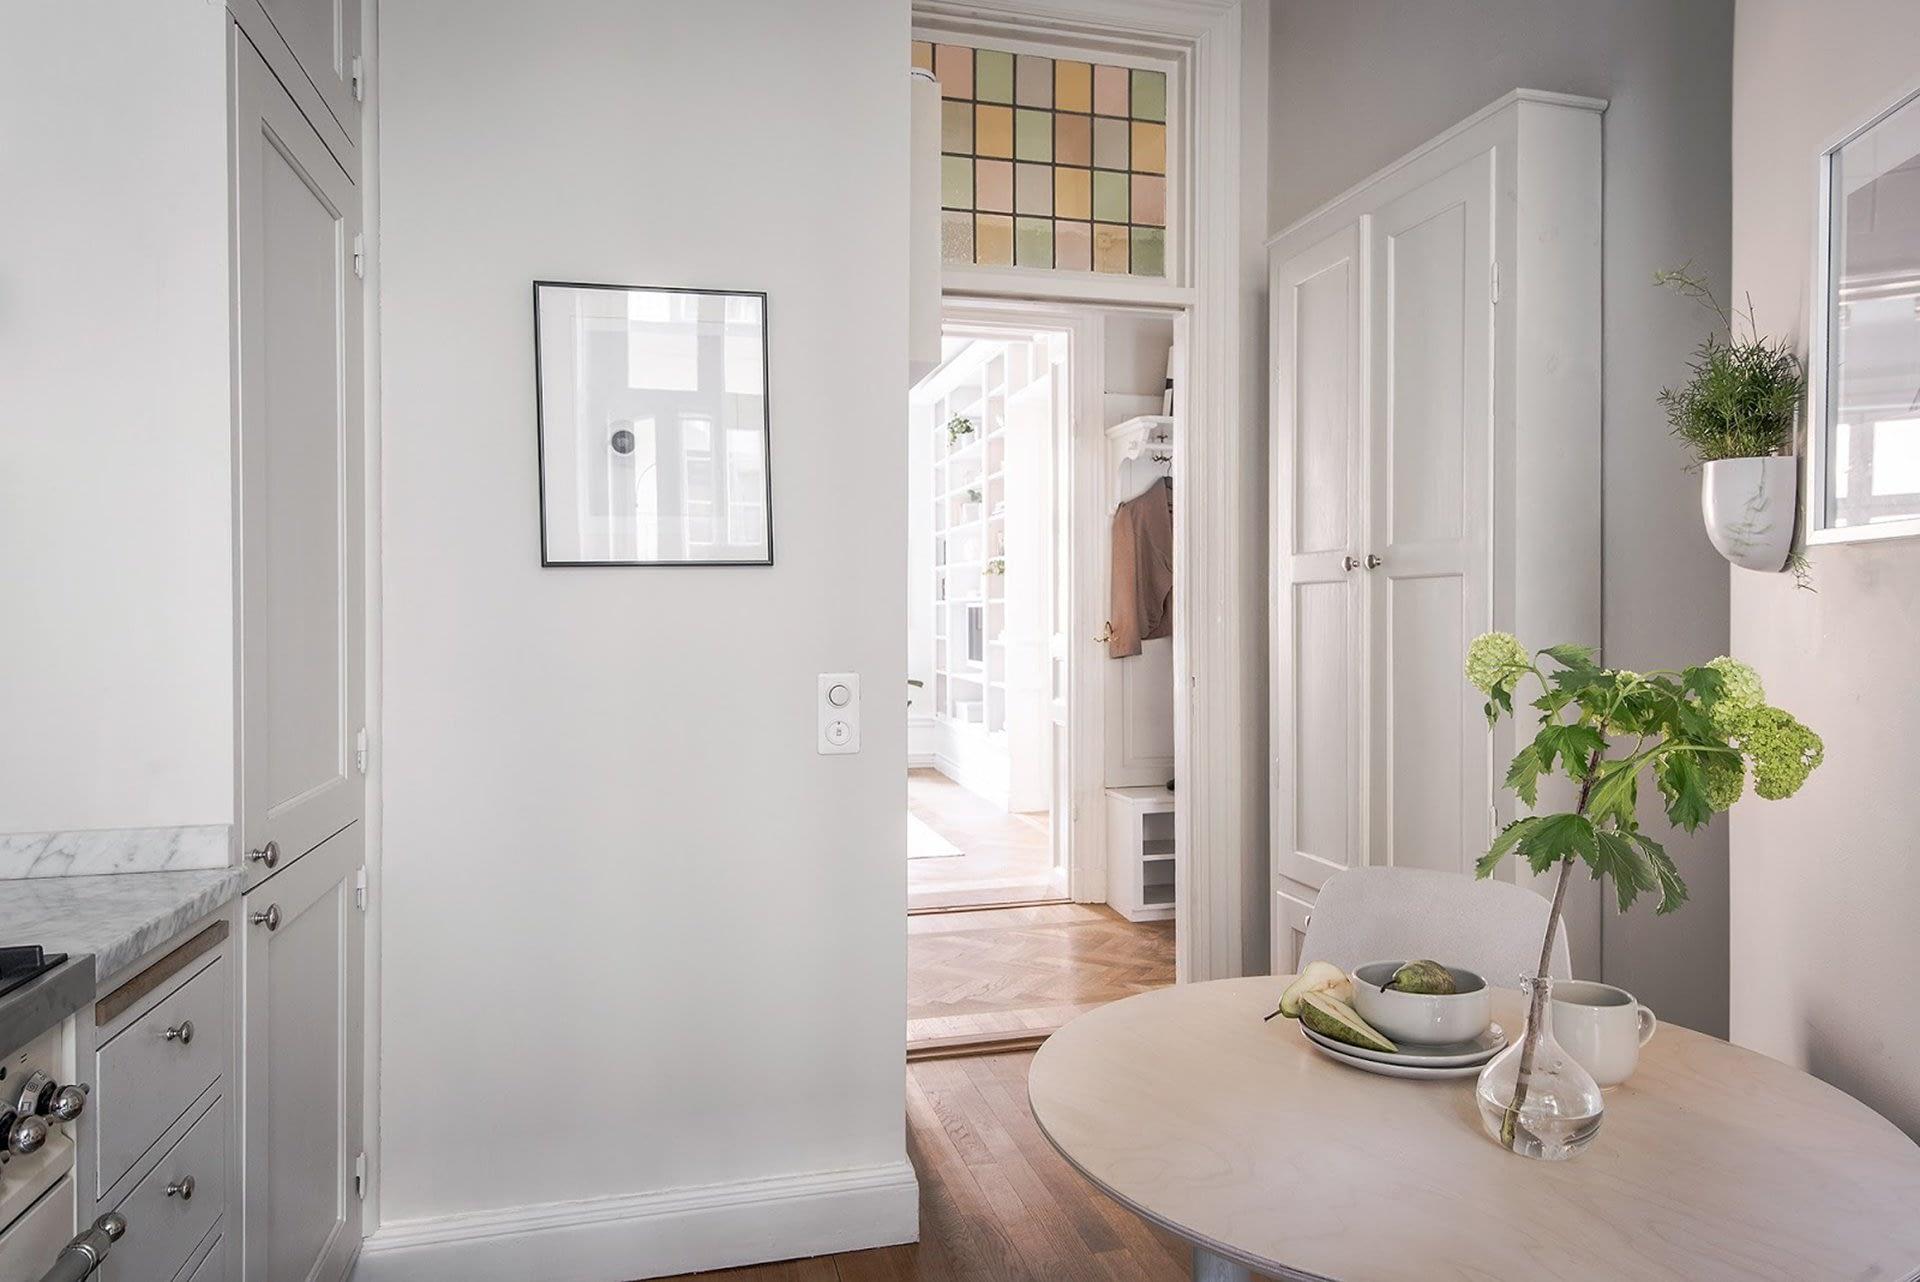 Amenajare scandinava in tonuri naturale de culoare intr-un apartament de 43 mp. 20